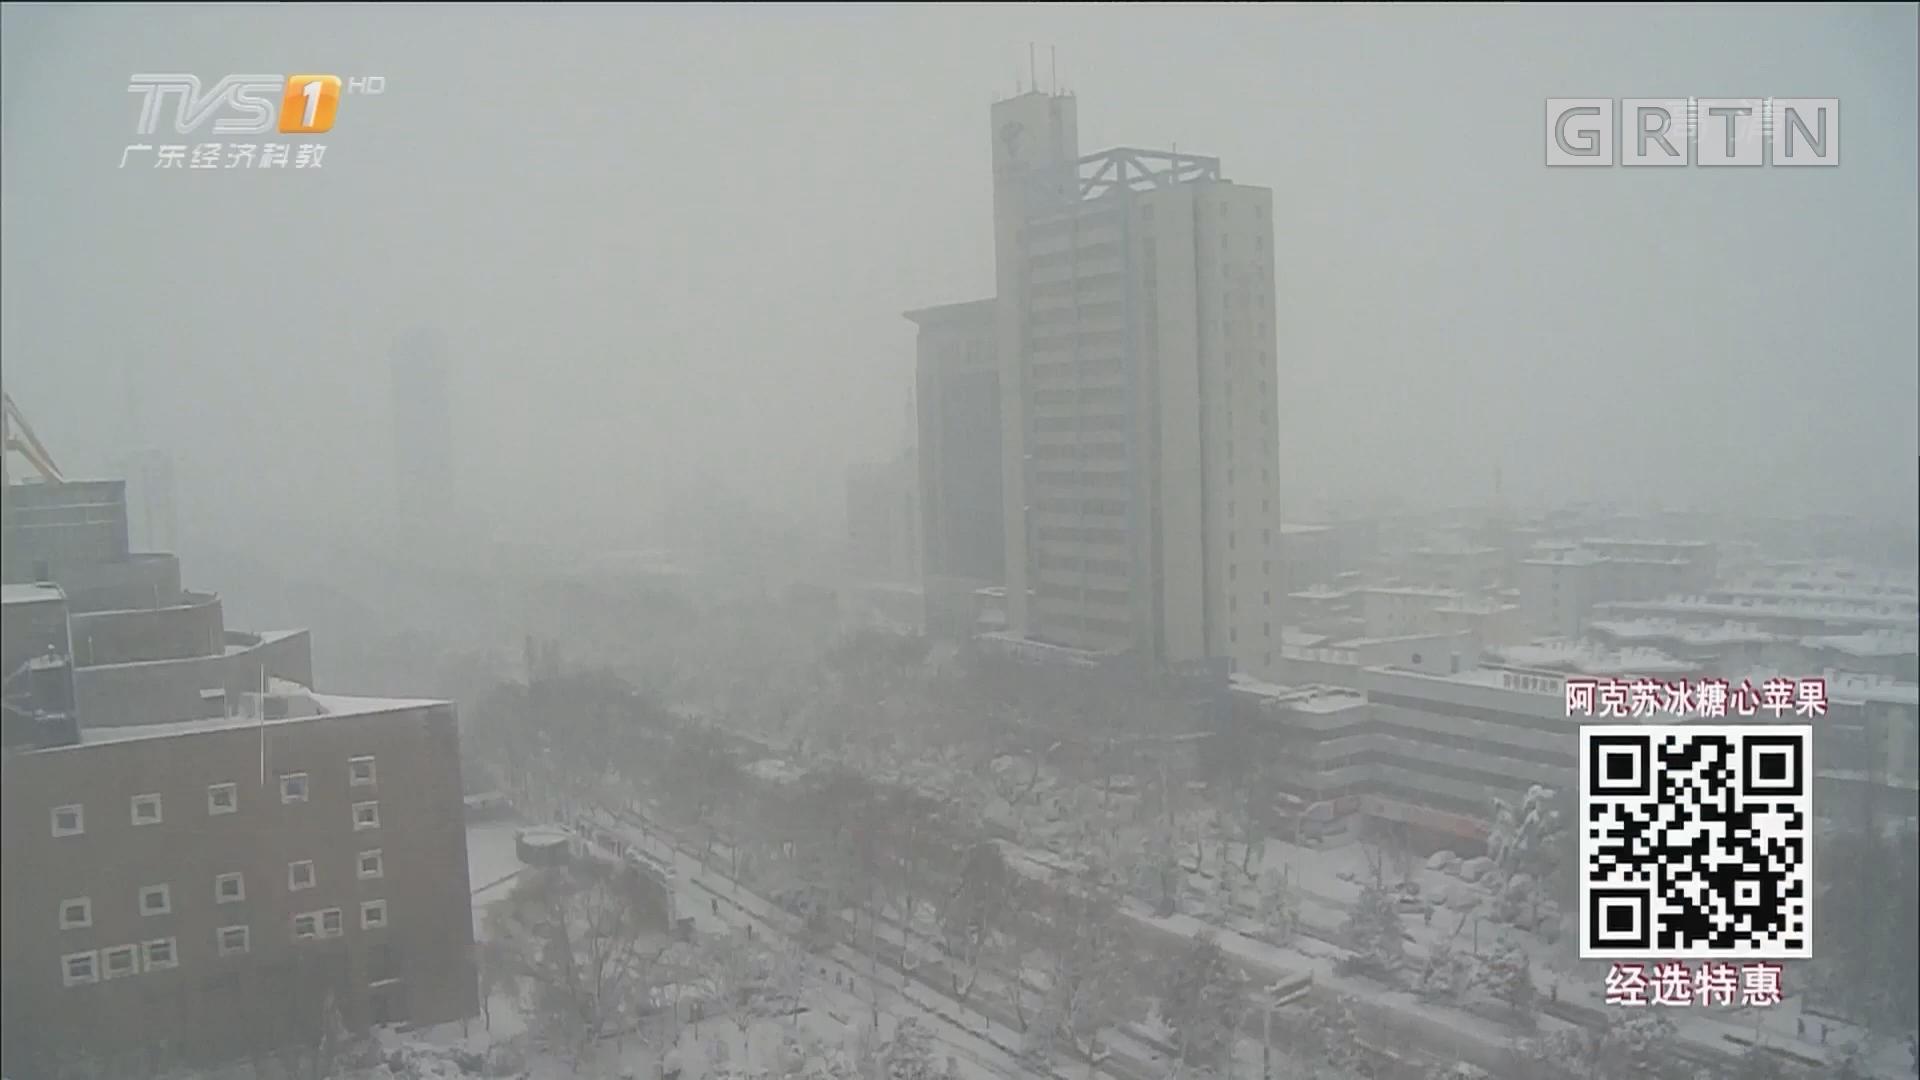 我国中东部暴雪已造成10人死亡 56.7万人受灾